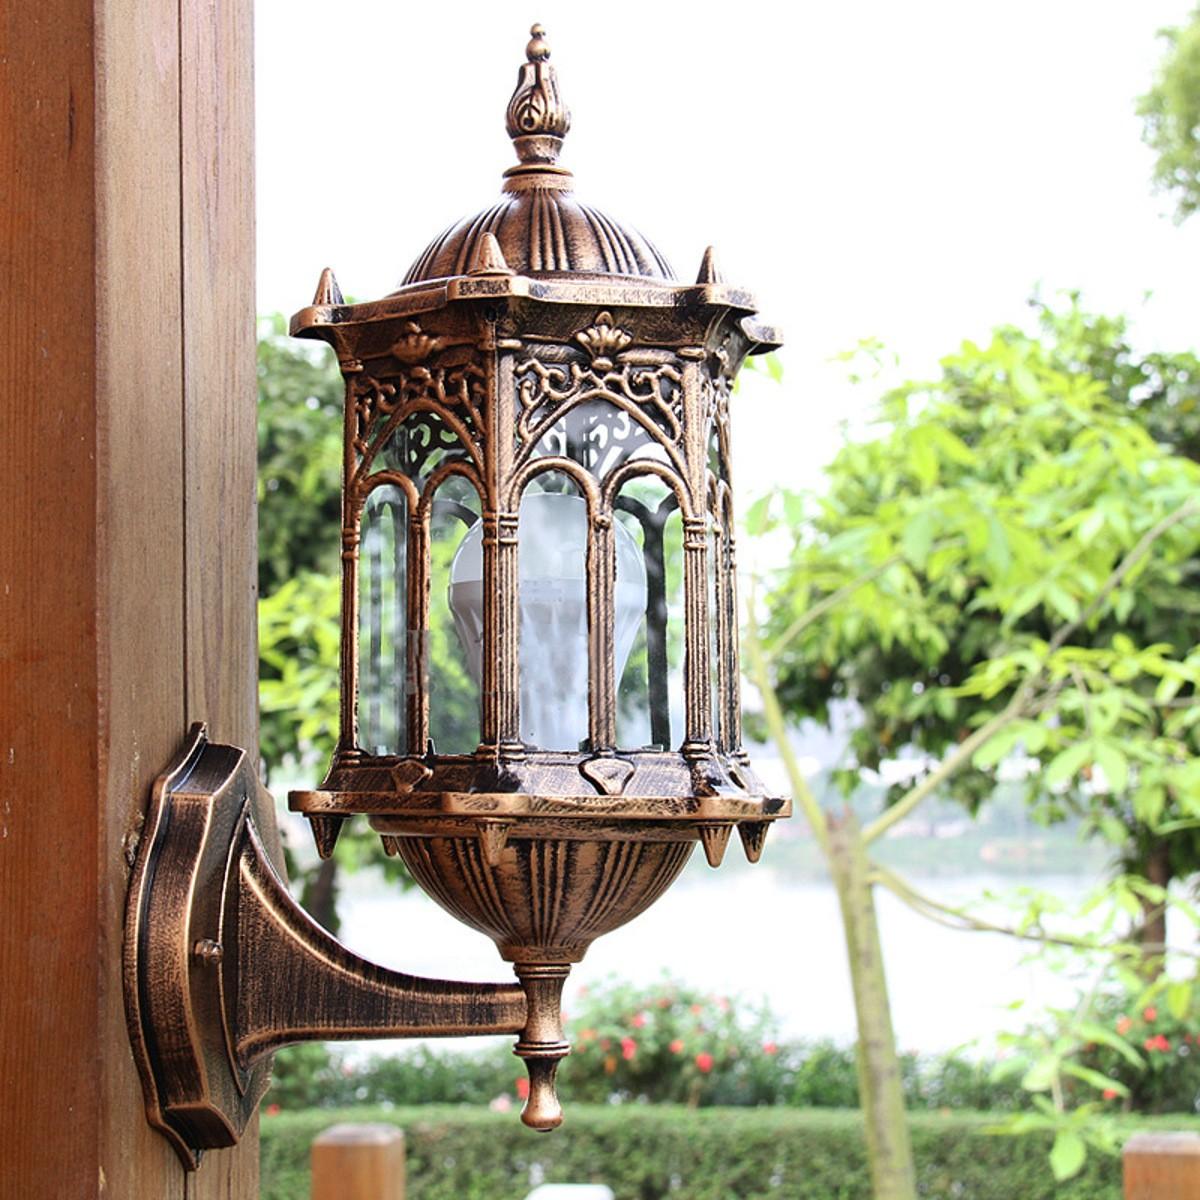 Outdoor Bronze Antique Exterior Wall Light Fixture Aluminum Glass Lantern Gar